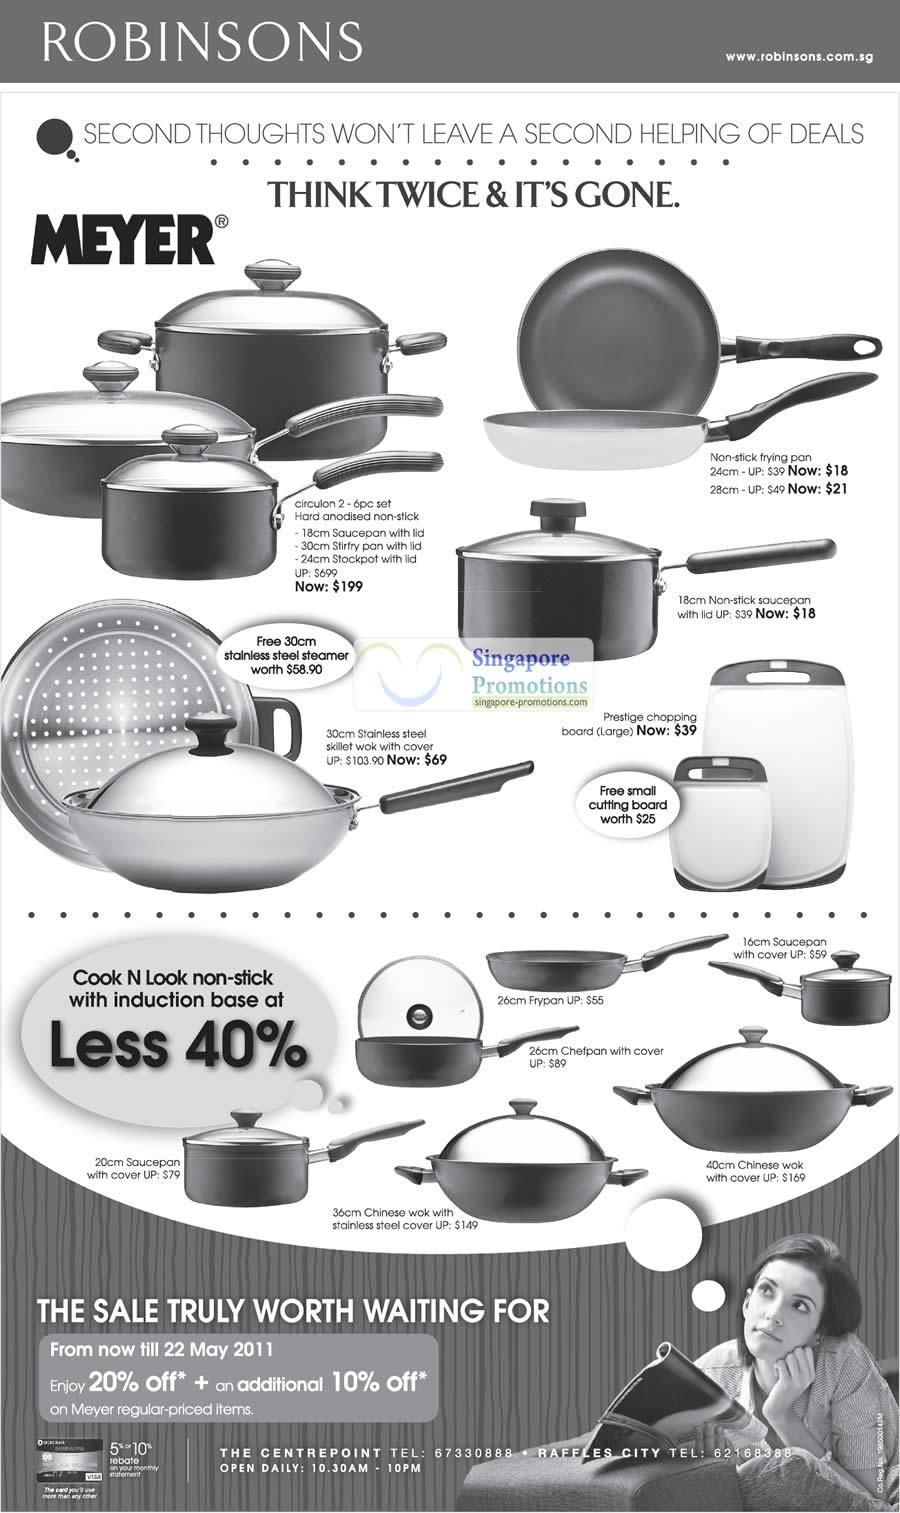 20 May Meyer Frying Pan, Wok, Prestige, Cook N Look